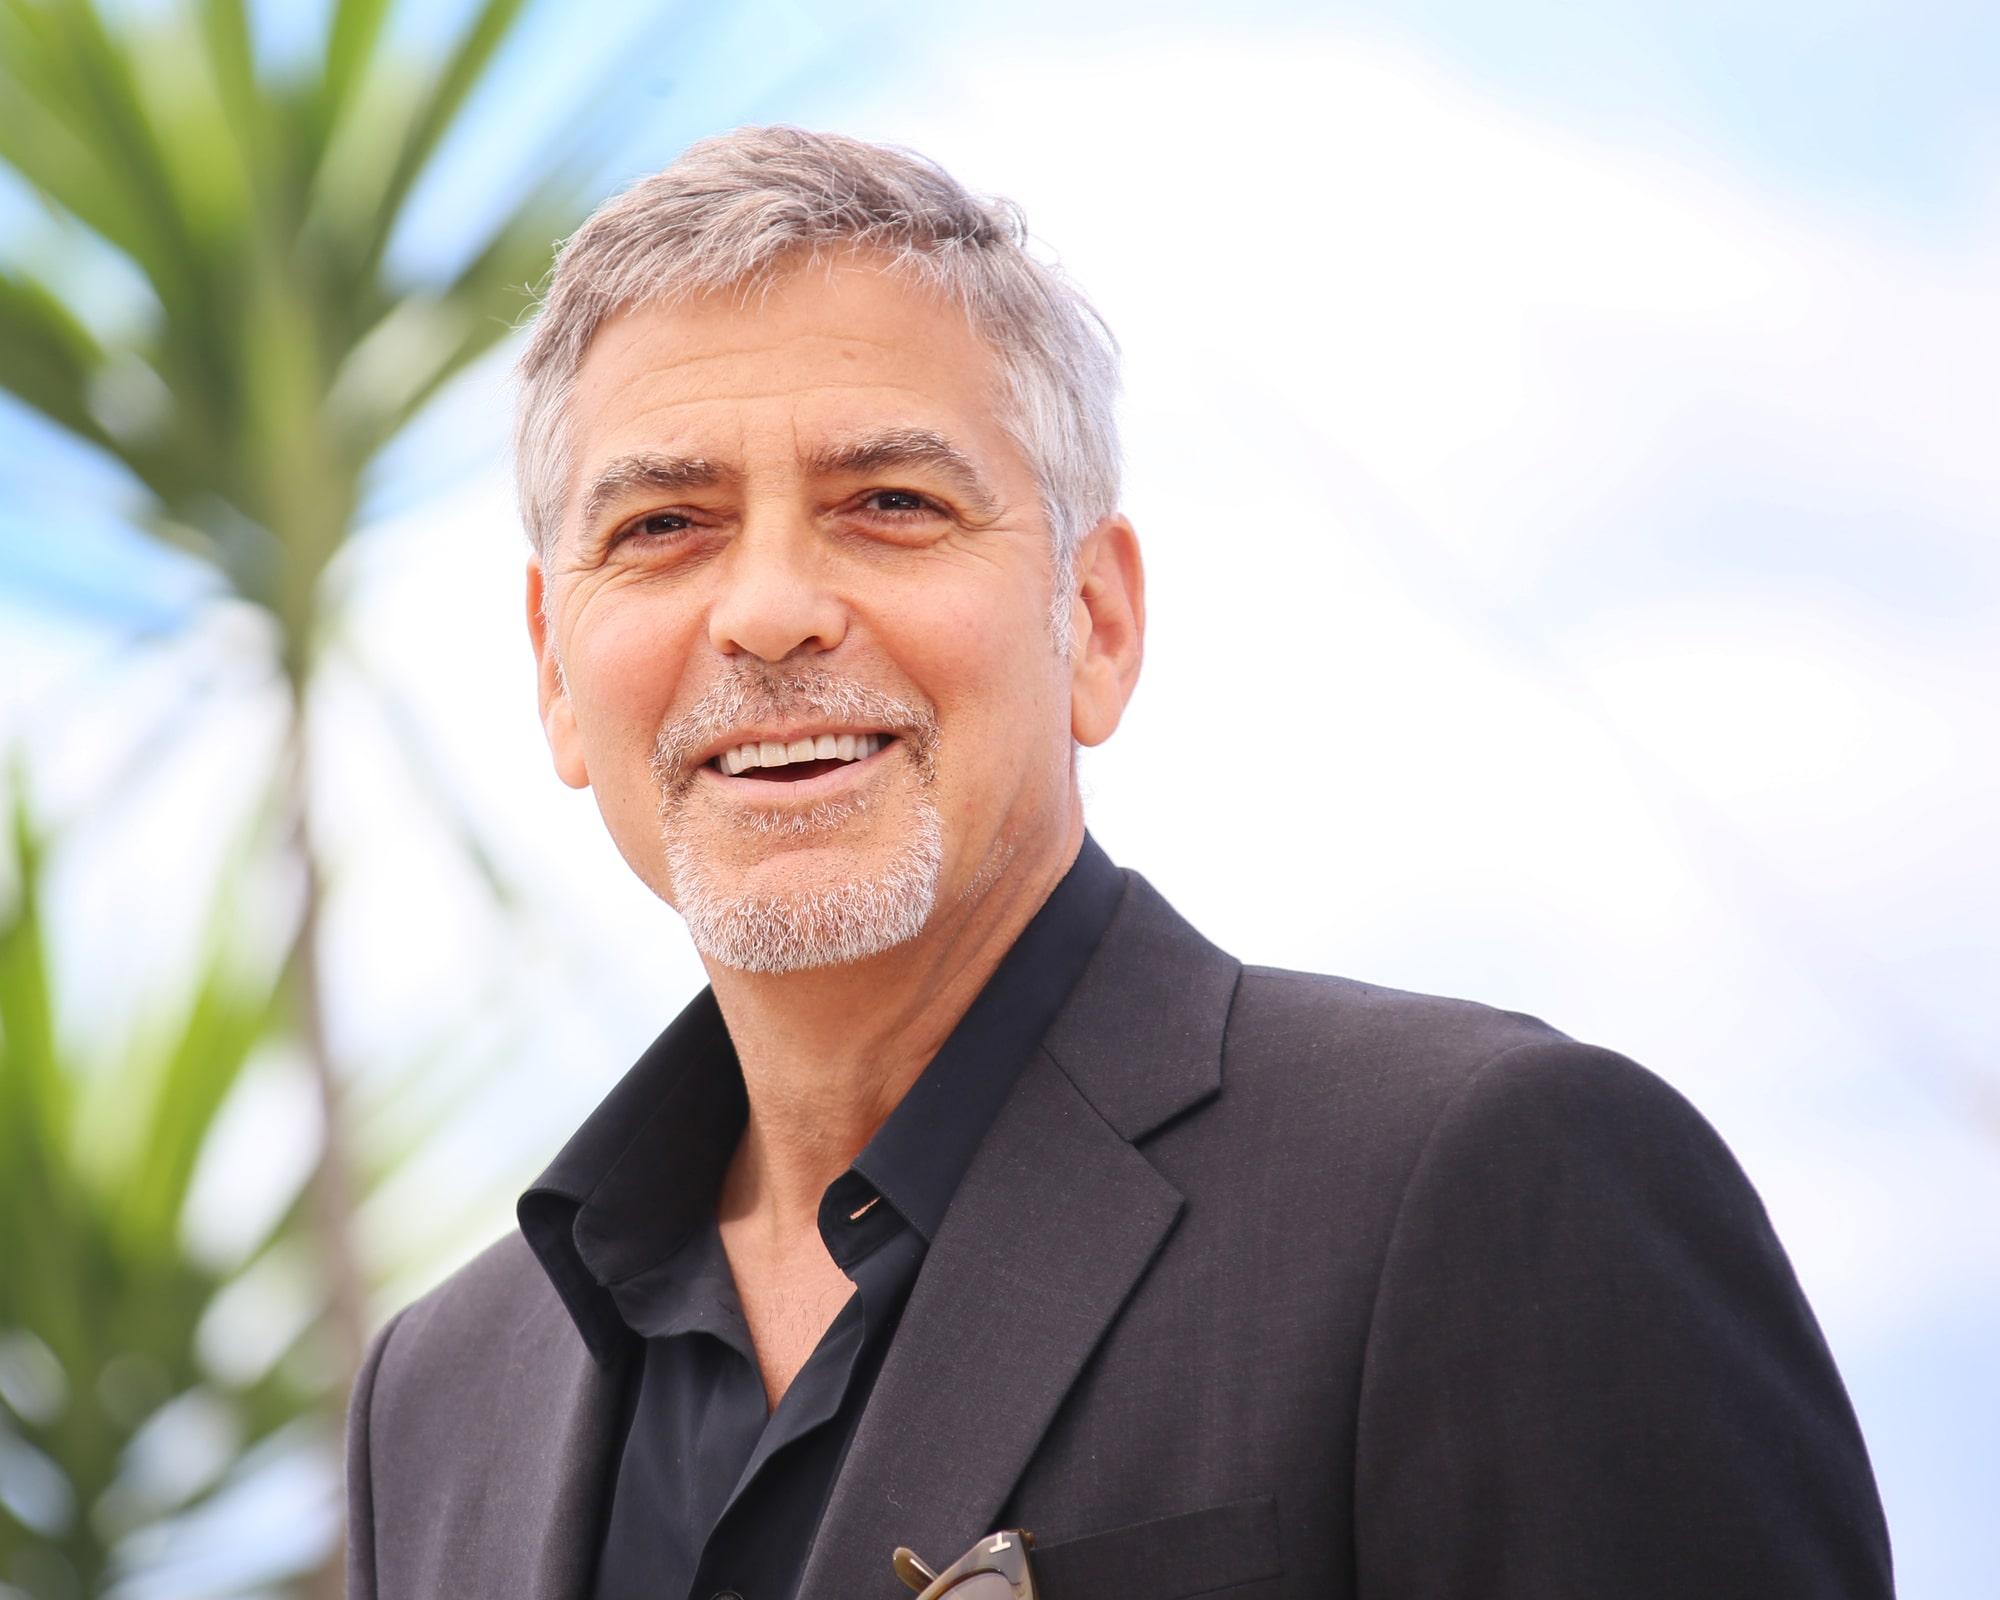 Джордж Клуни рассказал о том, как снимался пьяным в сцене с Мишель Пфайффер